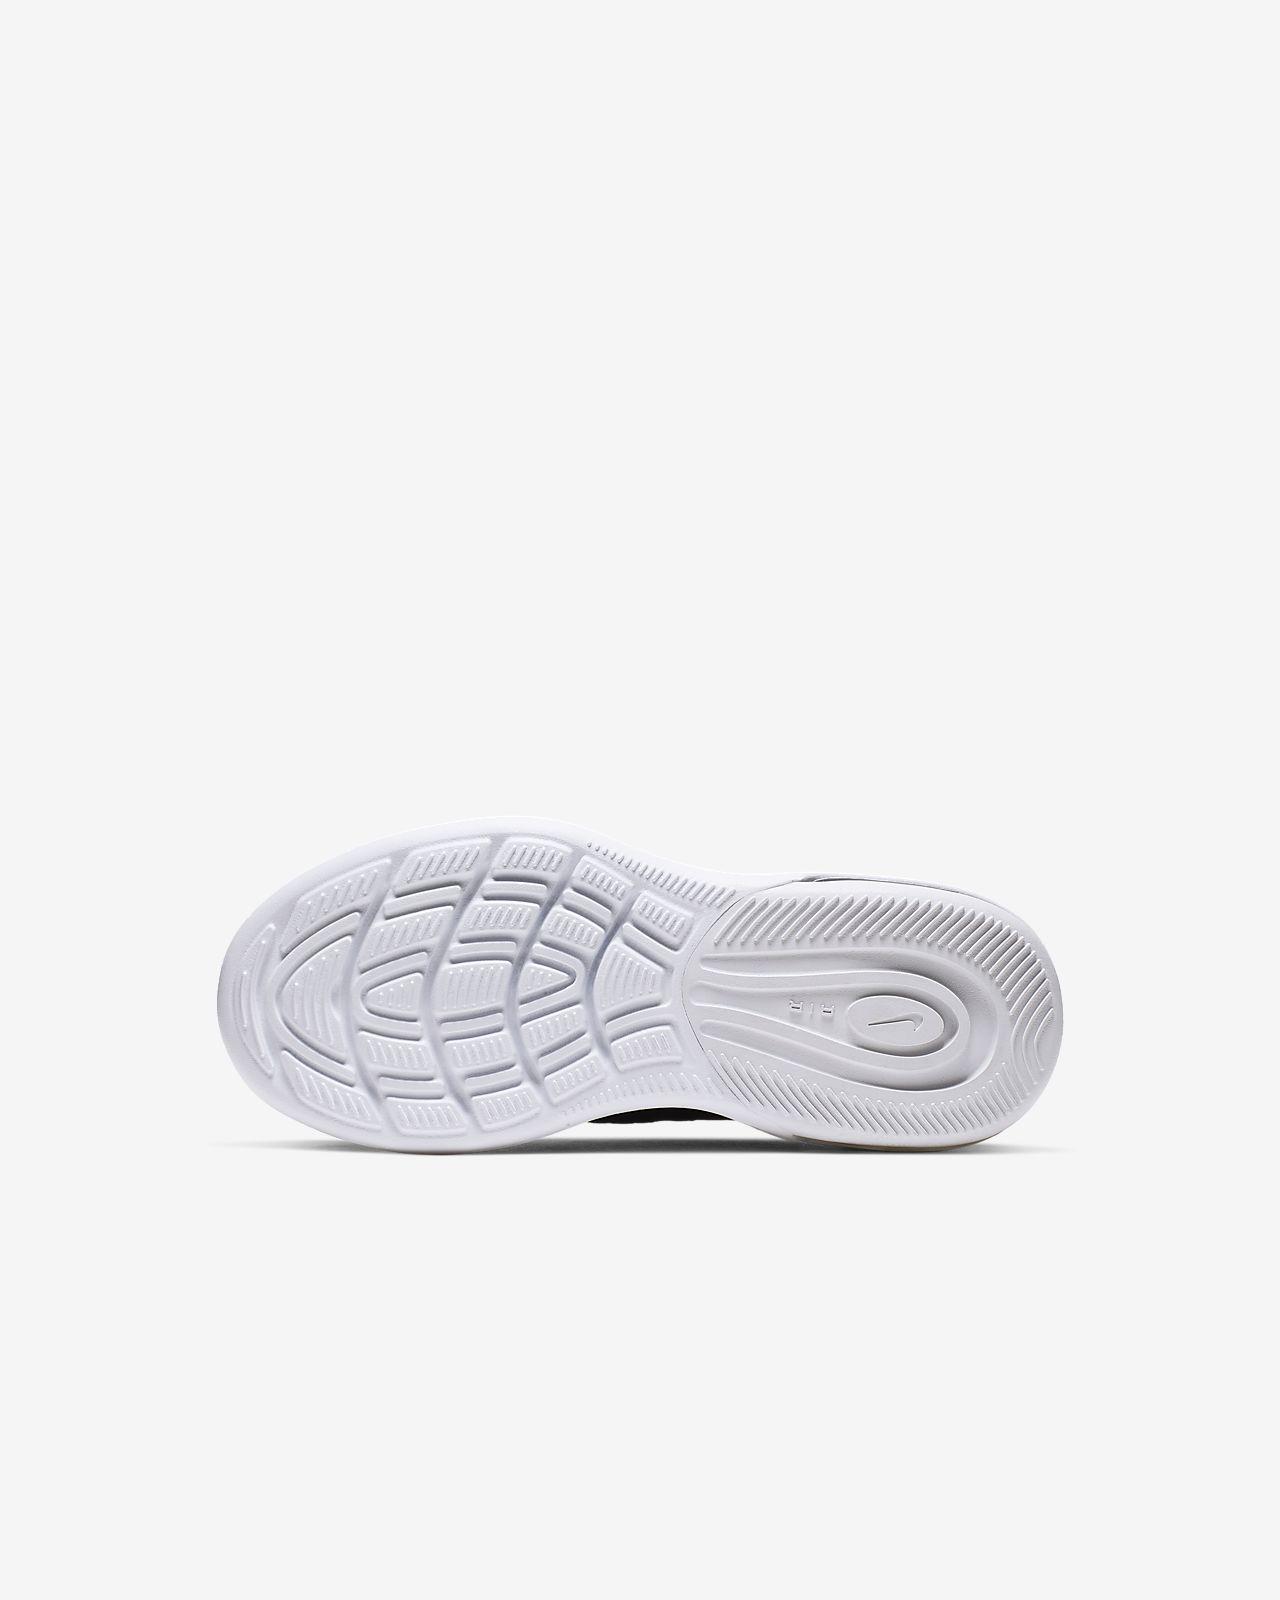 Nike Air Max Axis VTB Zapatillas Niñoa pequeñoa